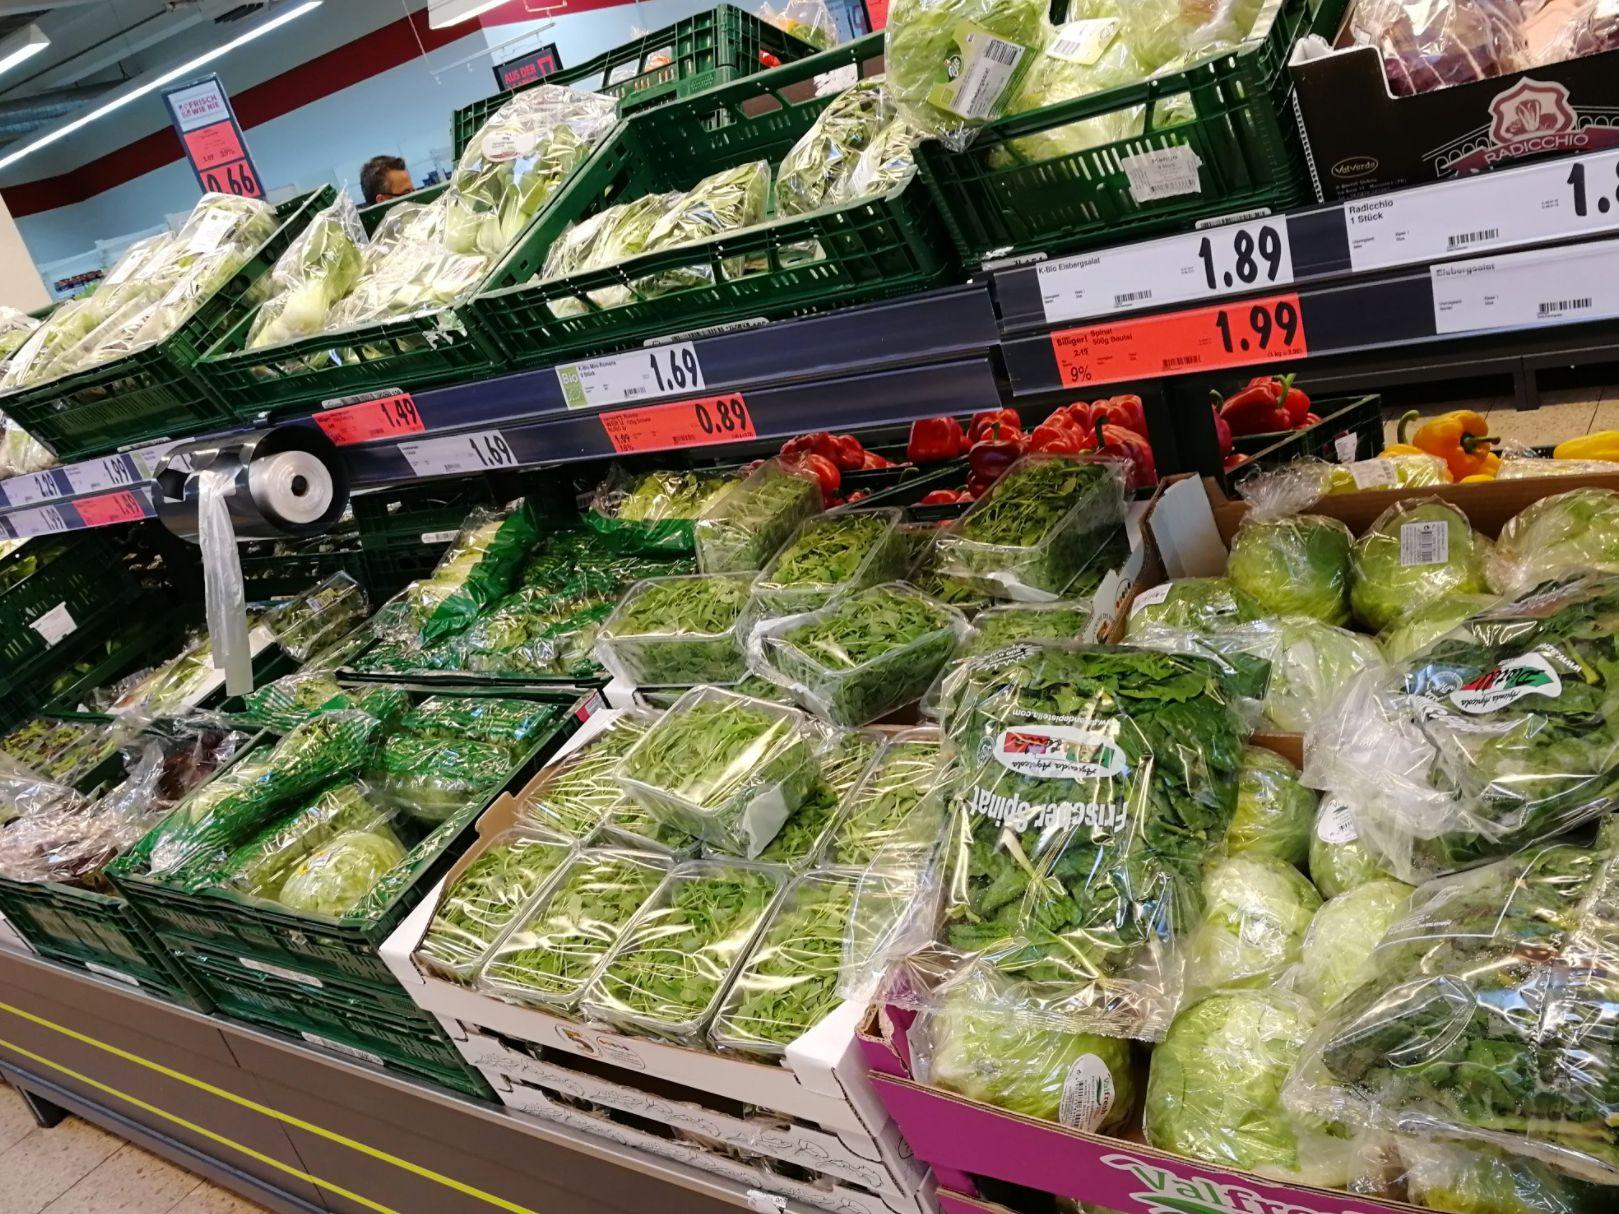 Als ein Mann diese Gemüsetheke in einem deutschen Supermarkt sieht, schießt er sofort ein Foto